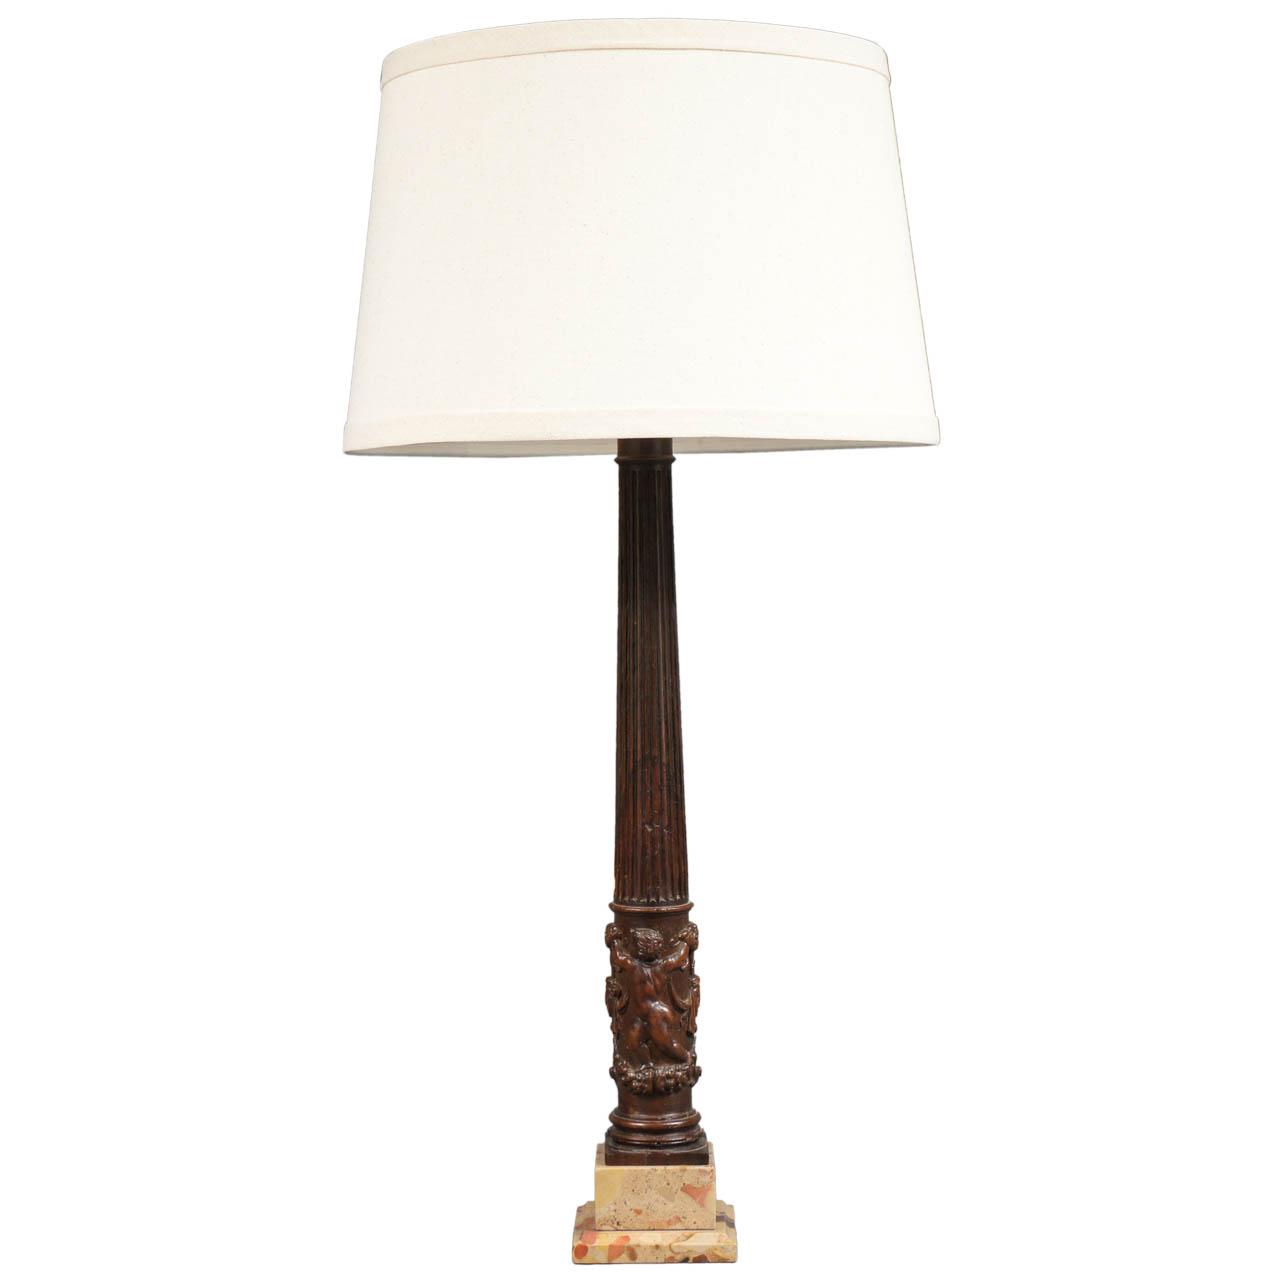 Single Italian Table Lamp